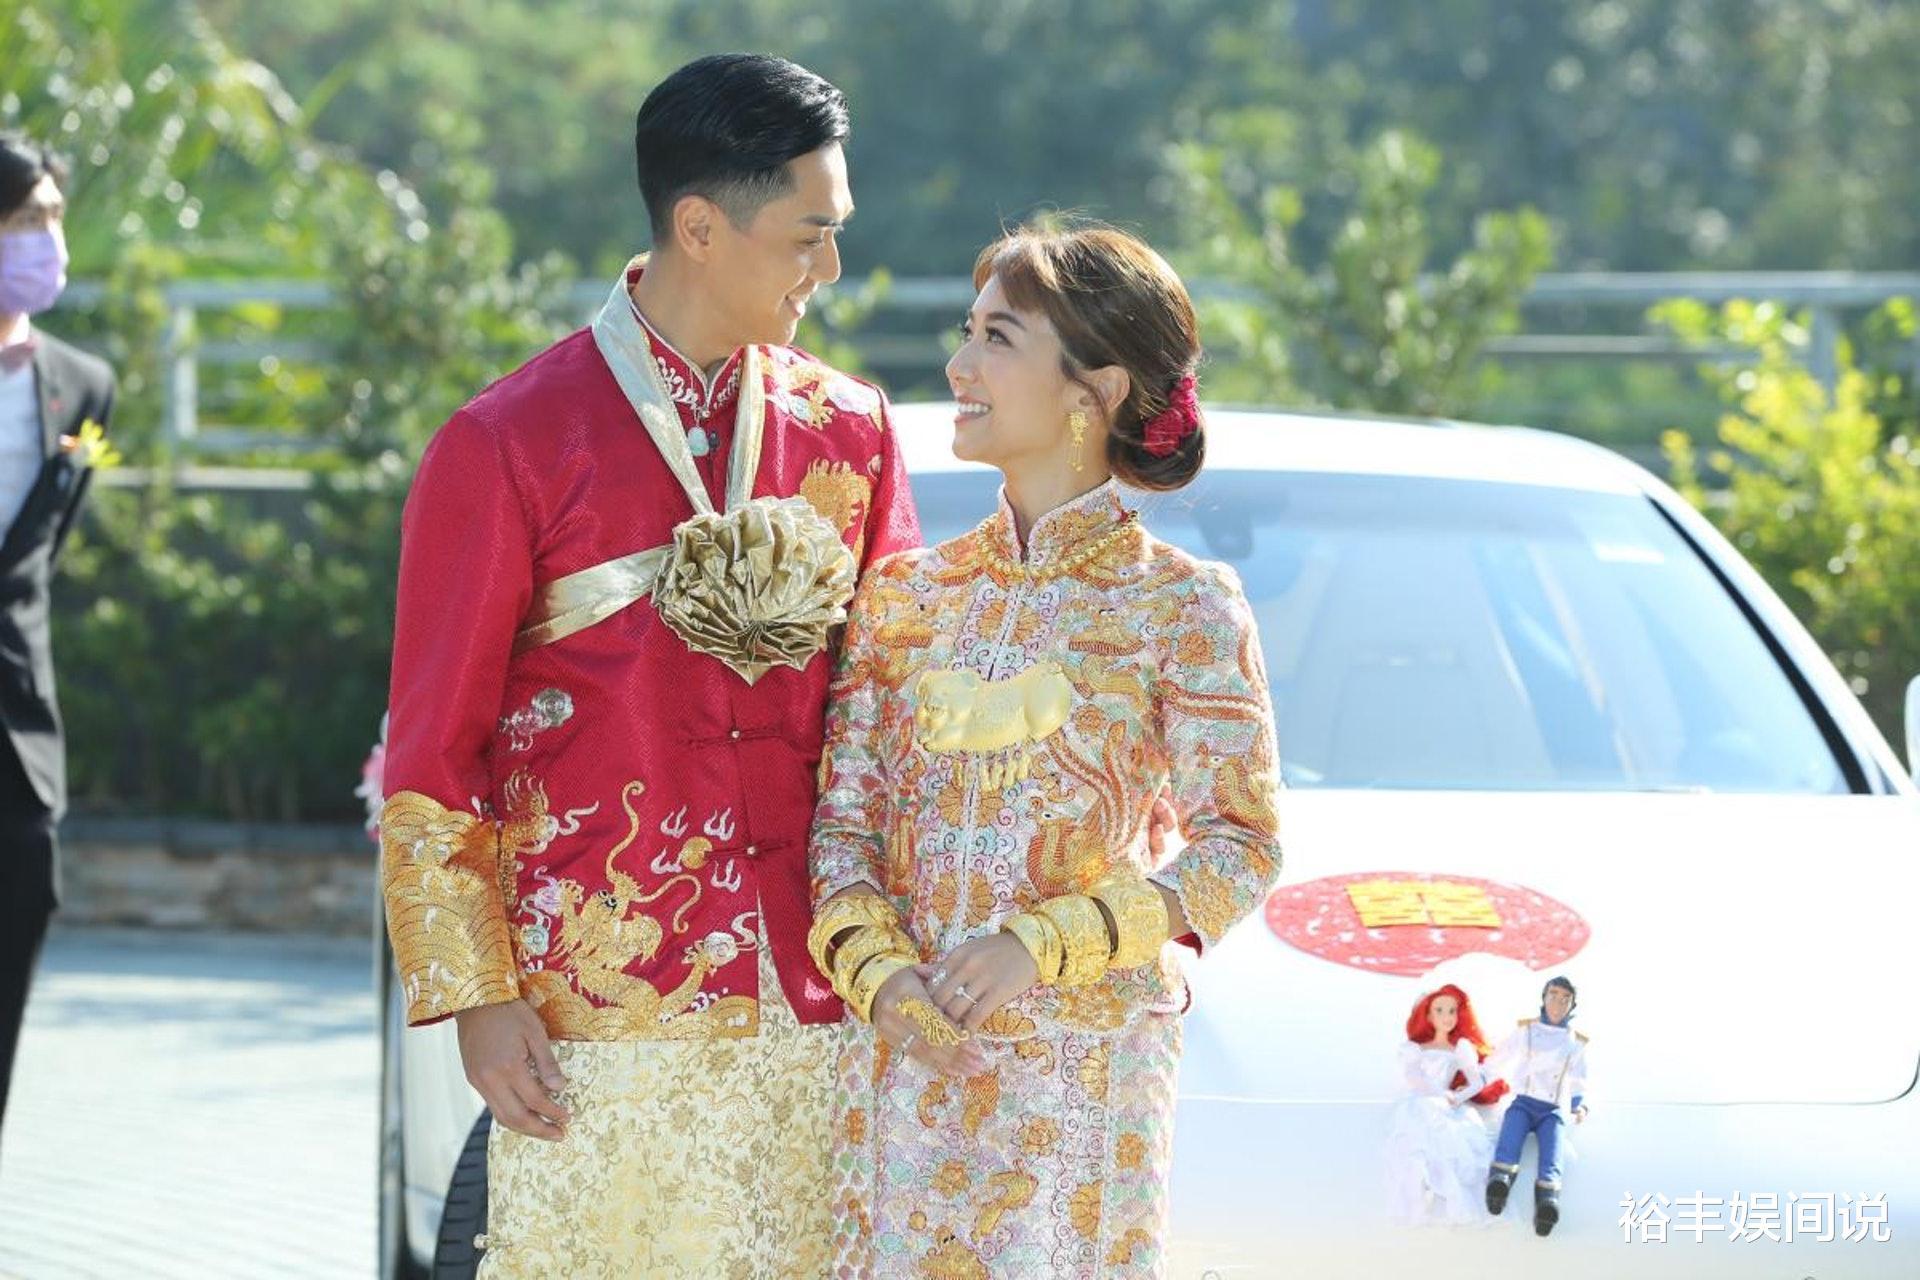 恭喜!TVB小花何雁詩今日出嫁,戴三對大龍鳳鐲,頸掛一隻大金豬-圖8